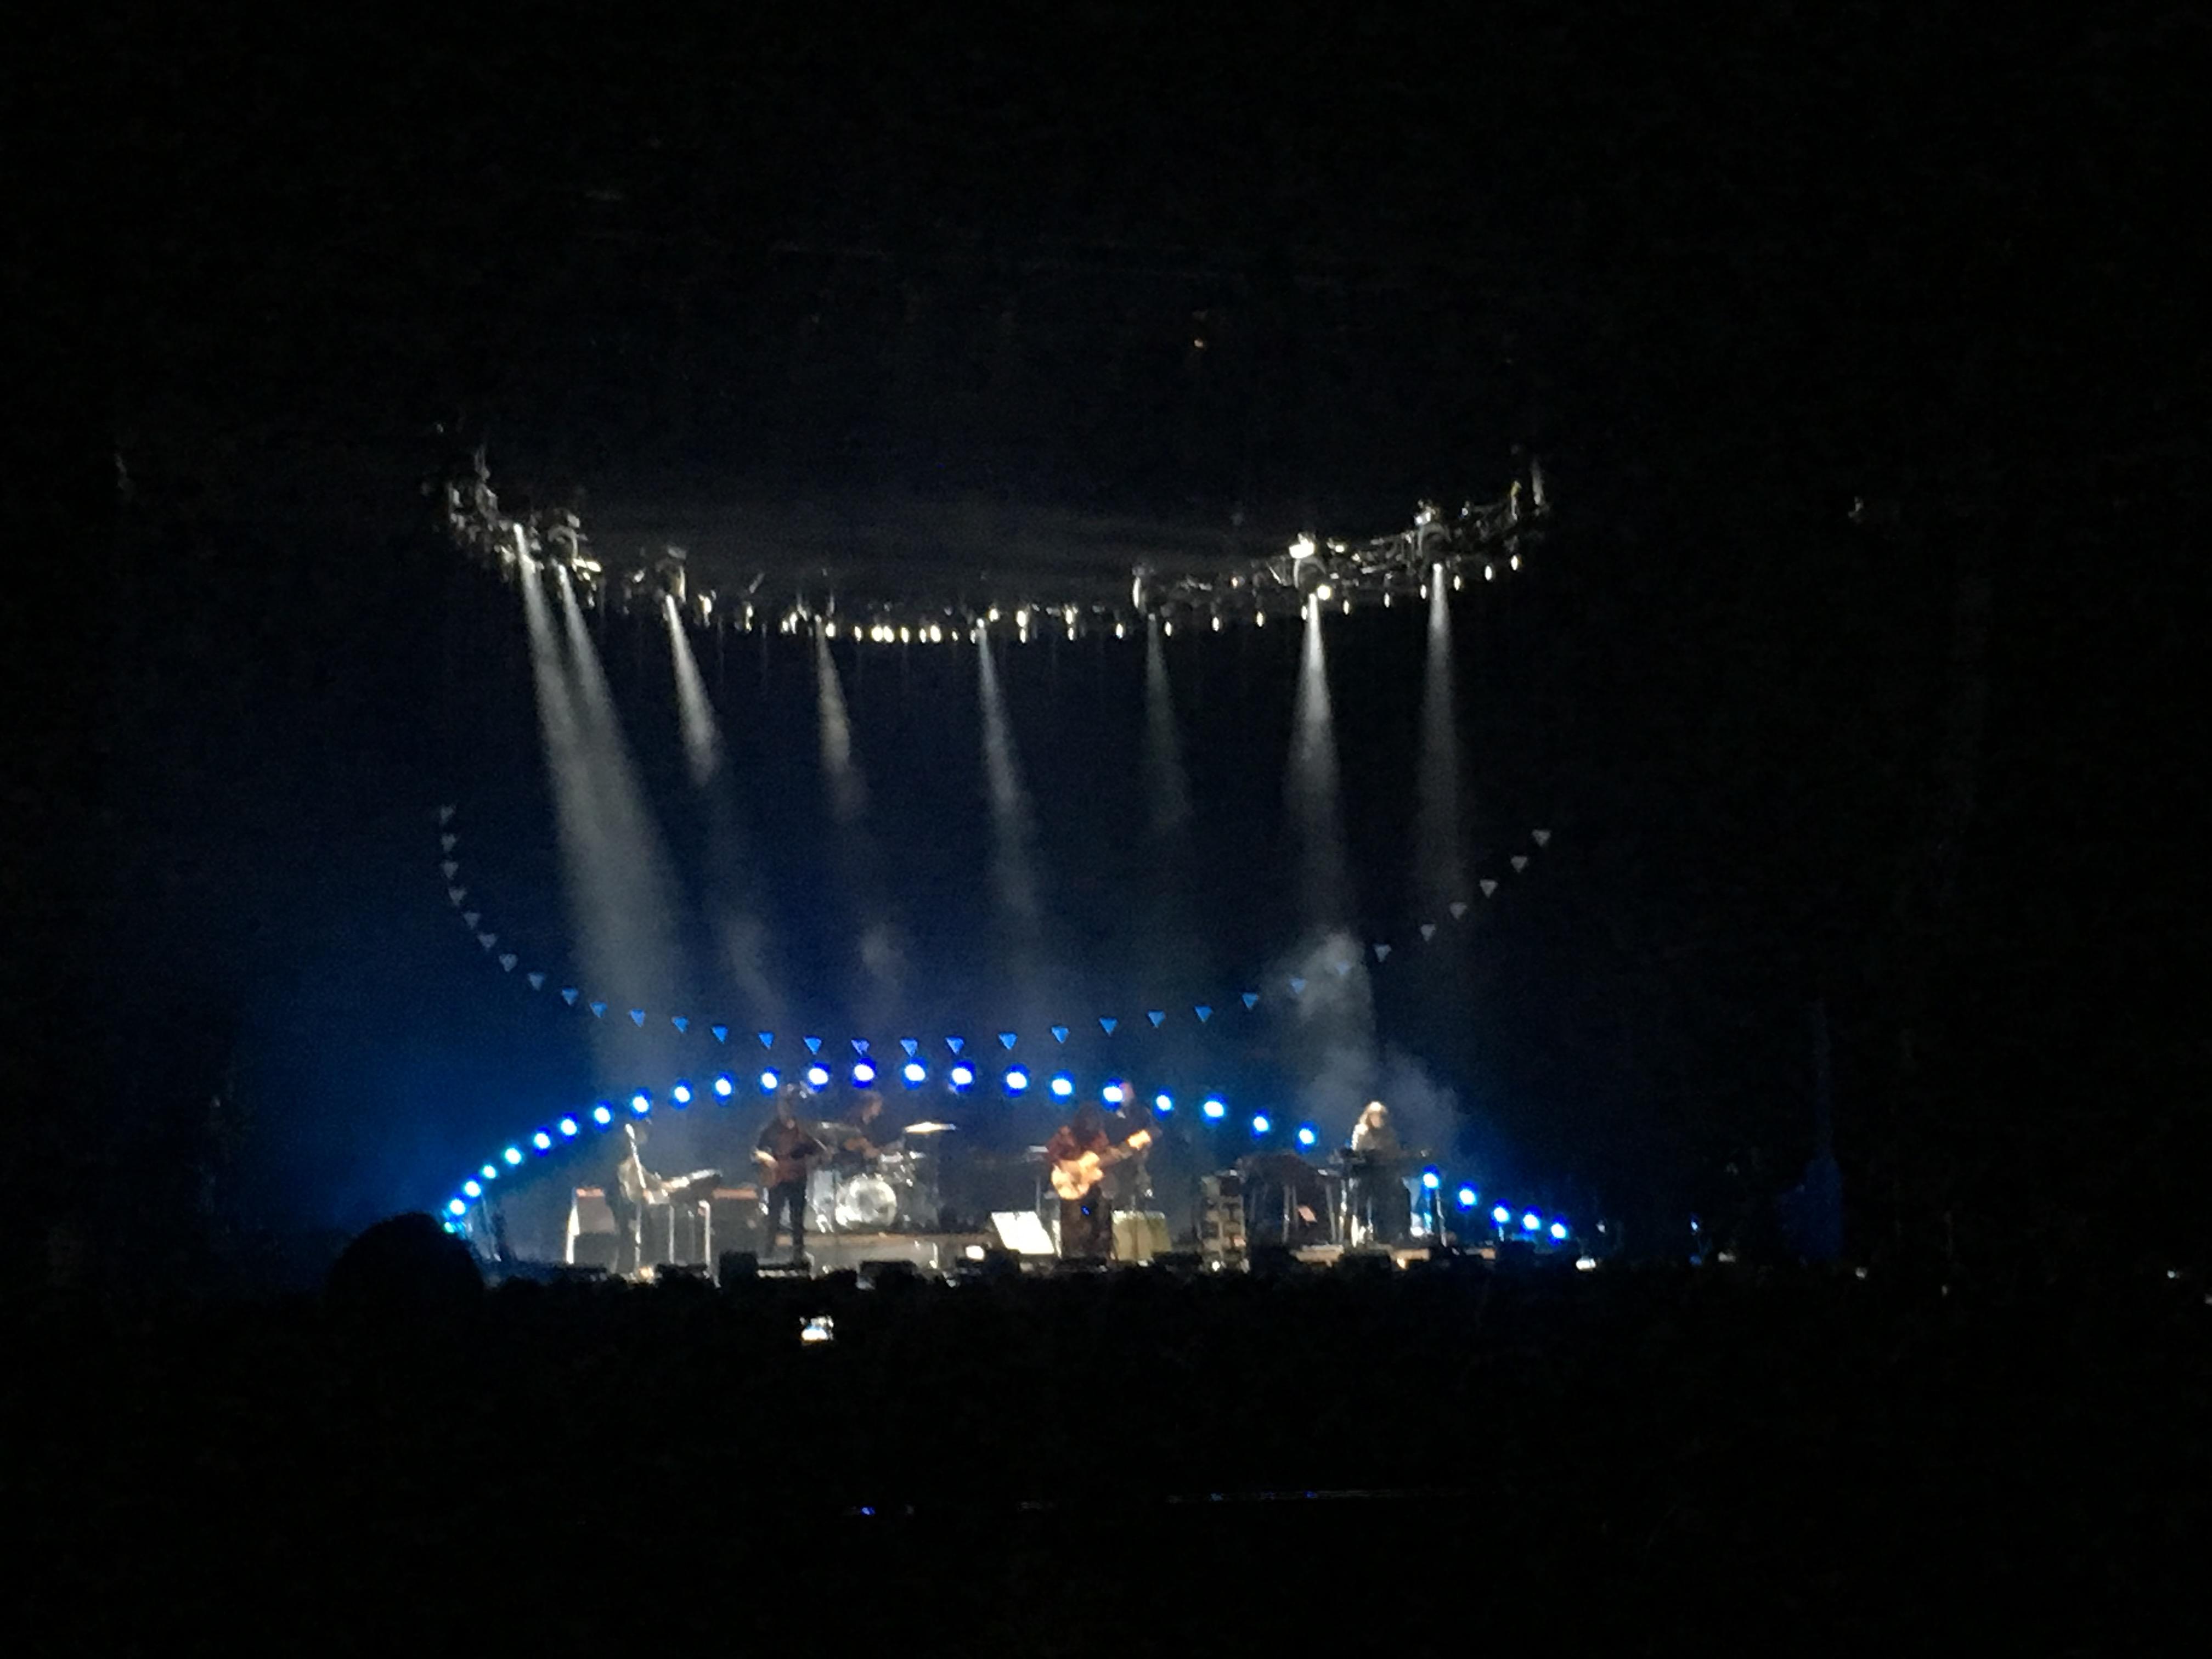 Wat een briljant concert gisteren van The War On Drugs!! #thewarondrugs #adeeperunderstanding